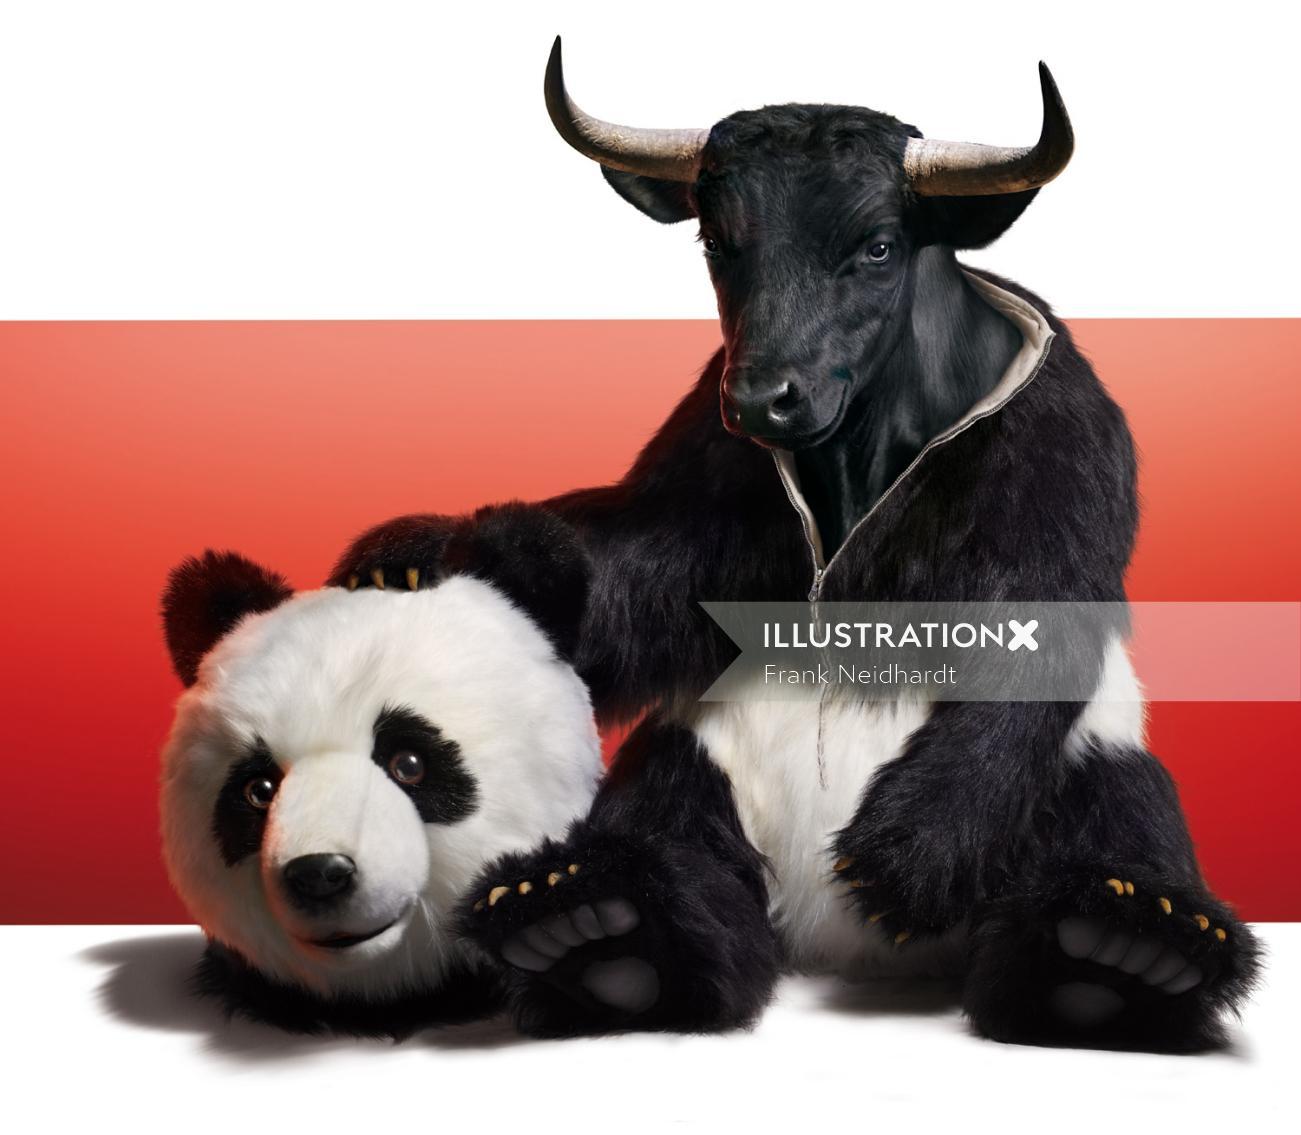 Bull with Panda face